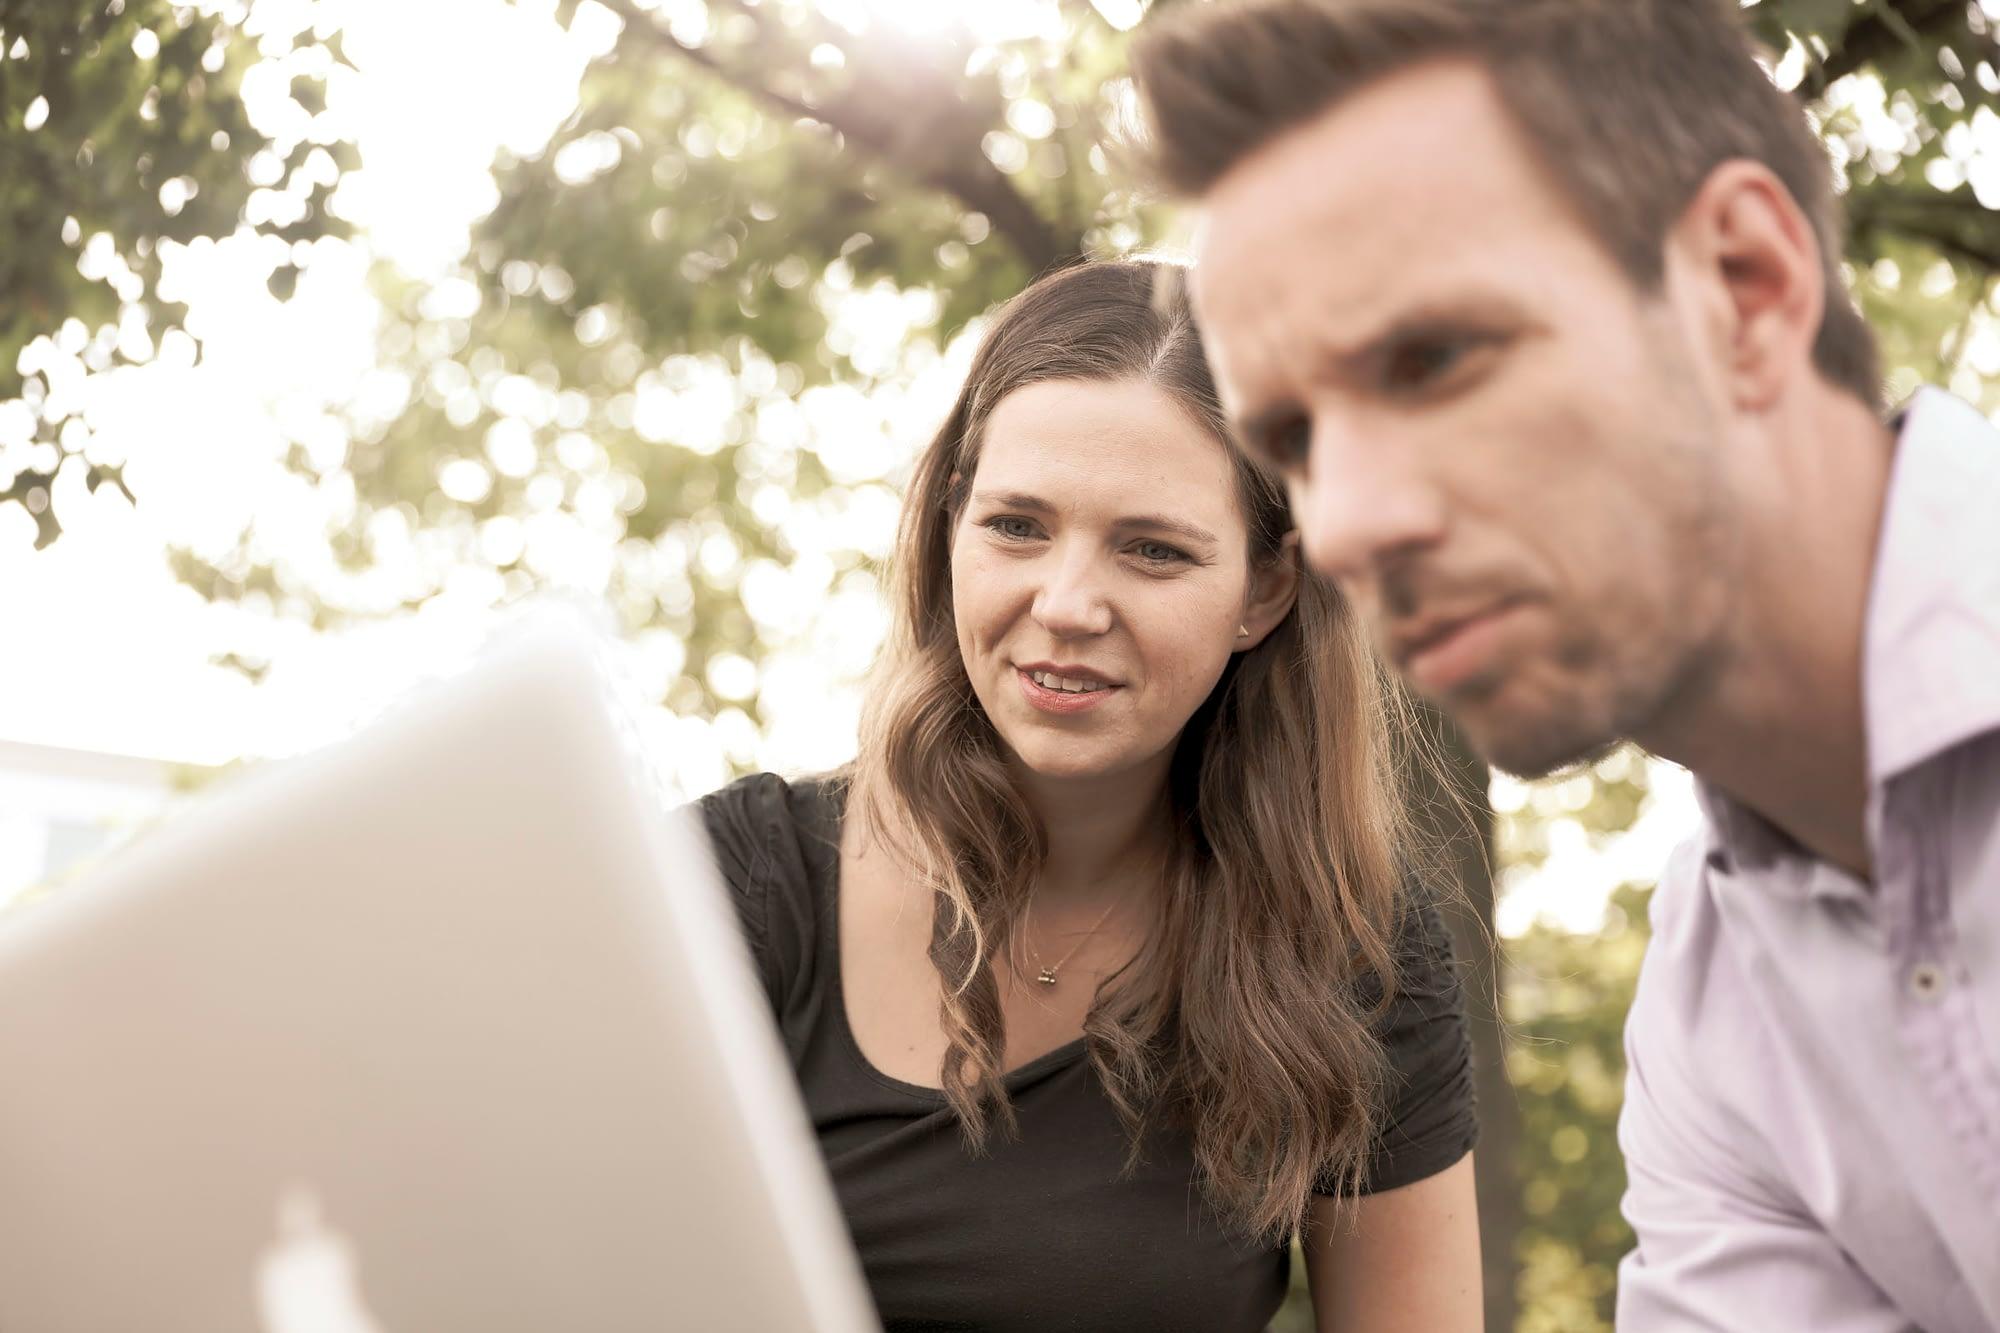 Eine Frau und ein Mann schauen auf den Bildschirm eines Laptops